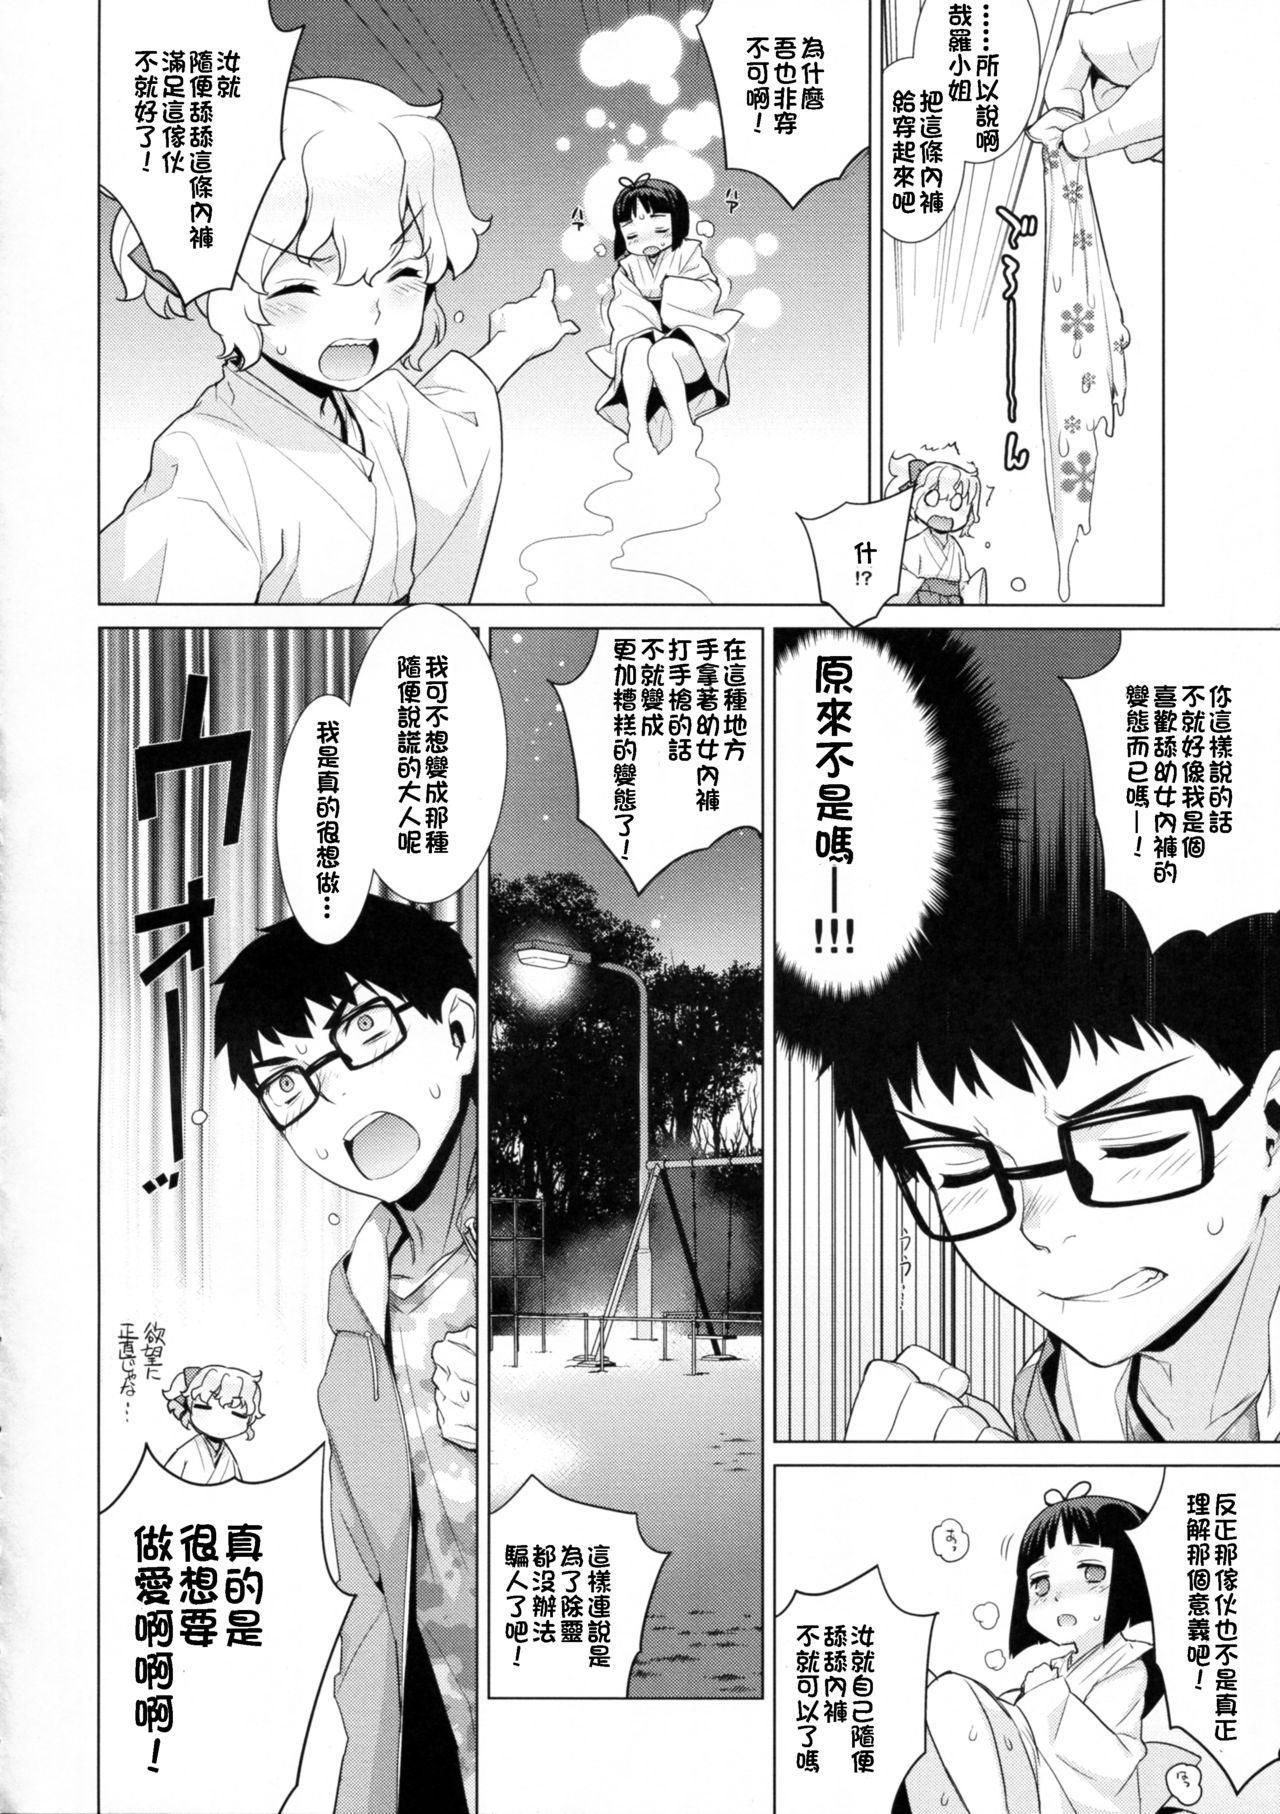 Kanara-sama no Nichijou Kyuu 13